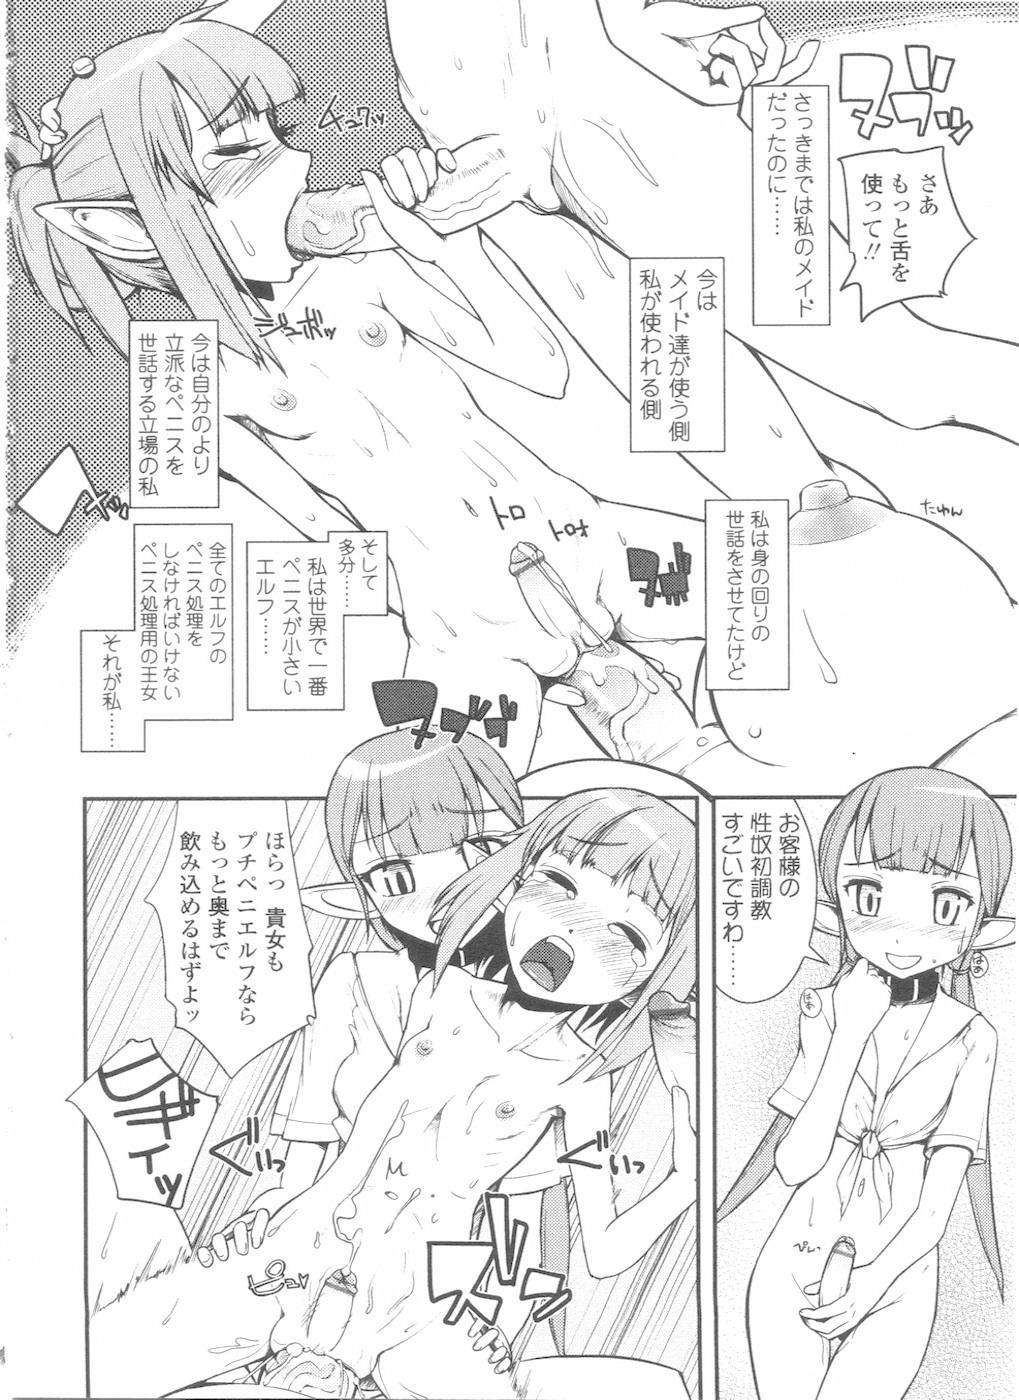 Futanarikko LOVE 11 159